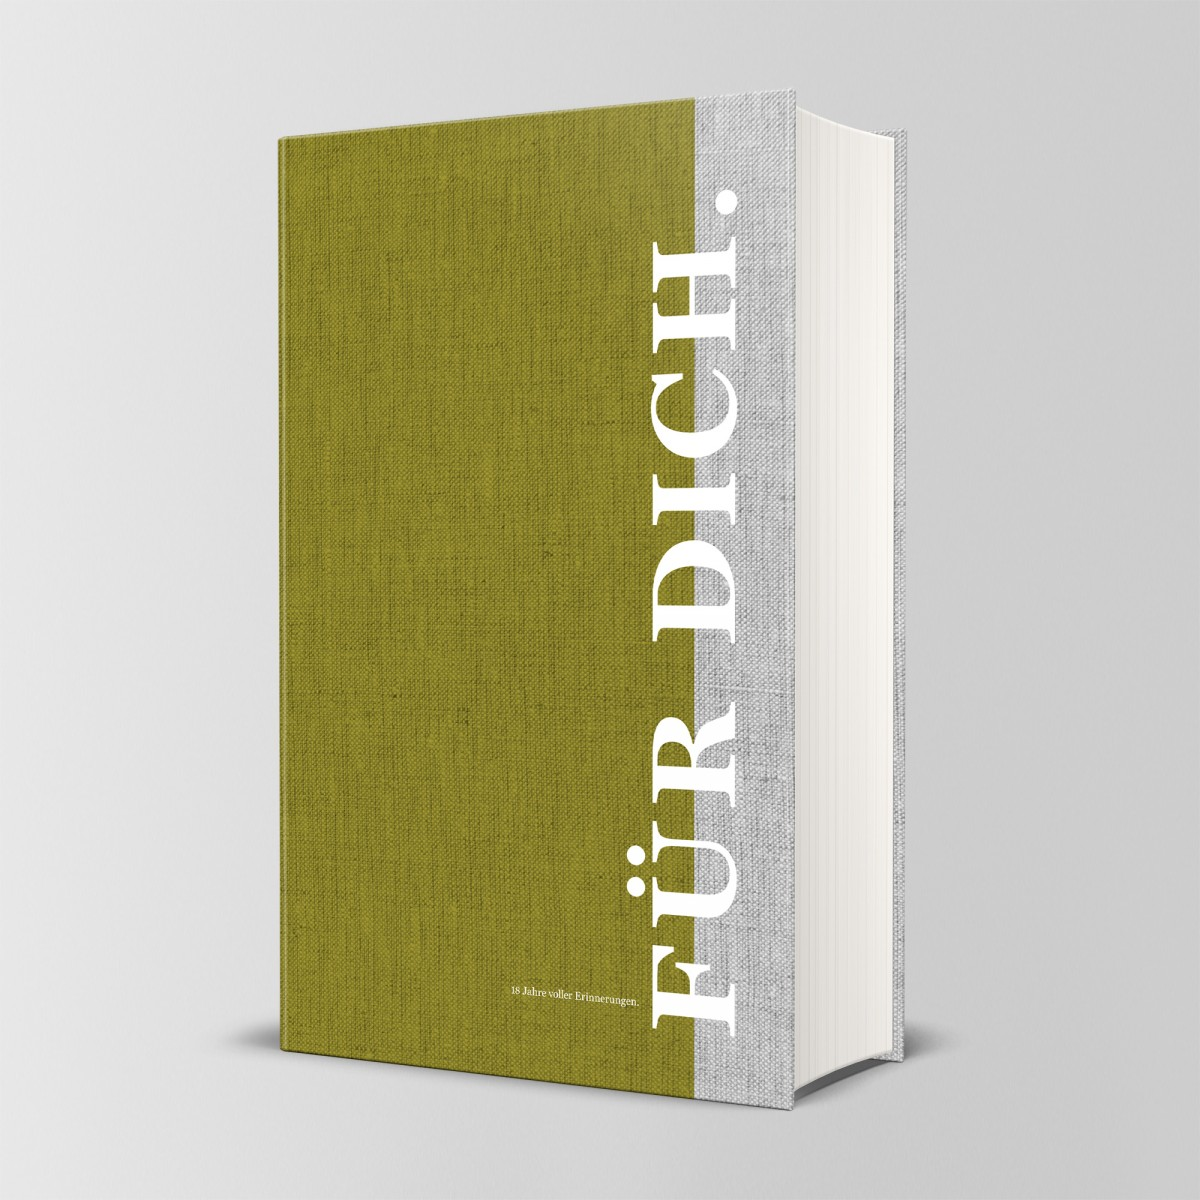 ACD DESIGN.BÜRO / Tagebuch für 18 Jahre